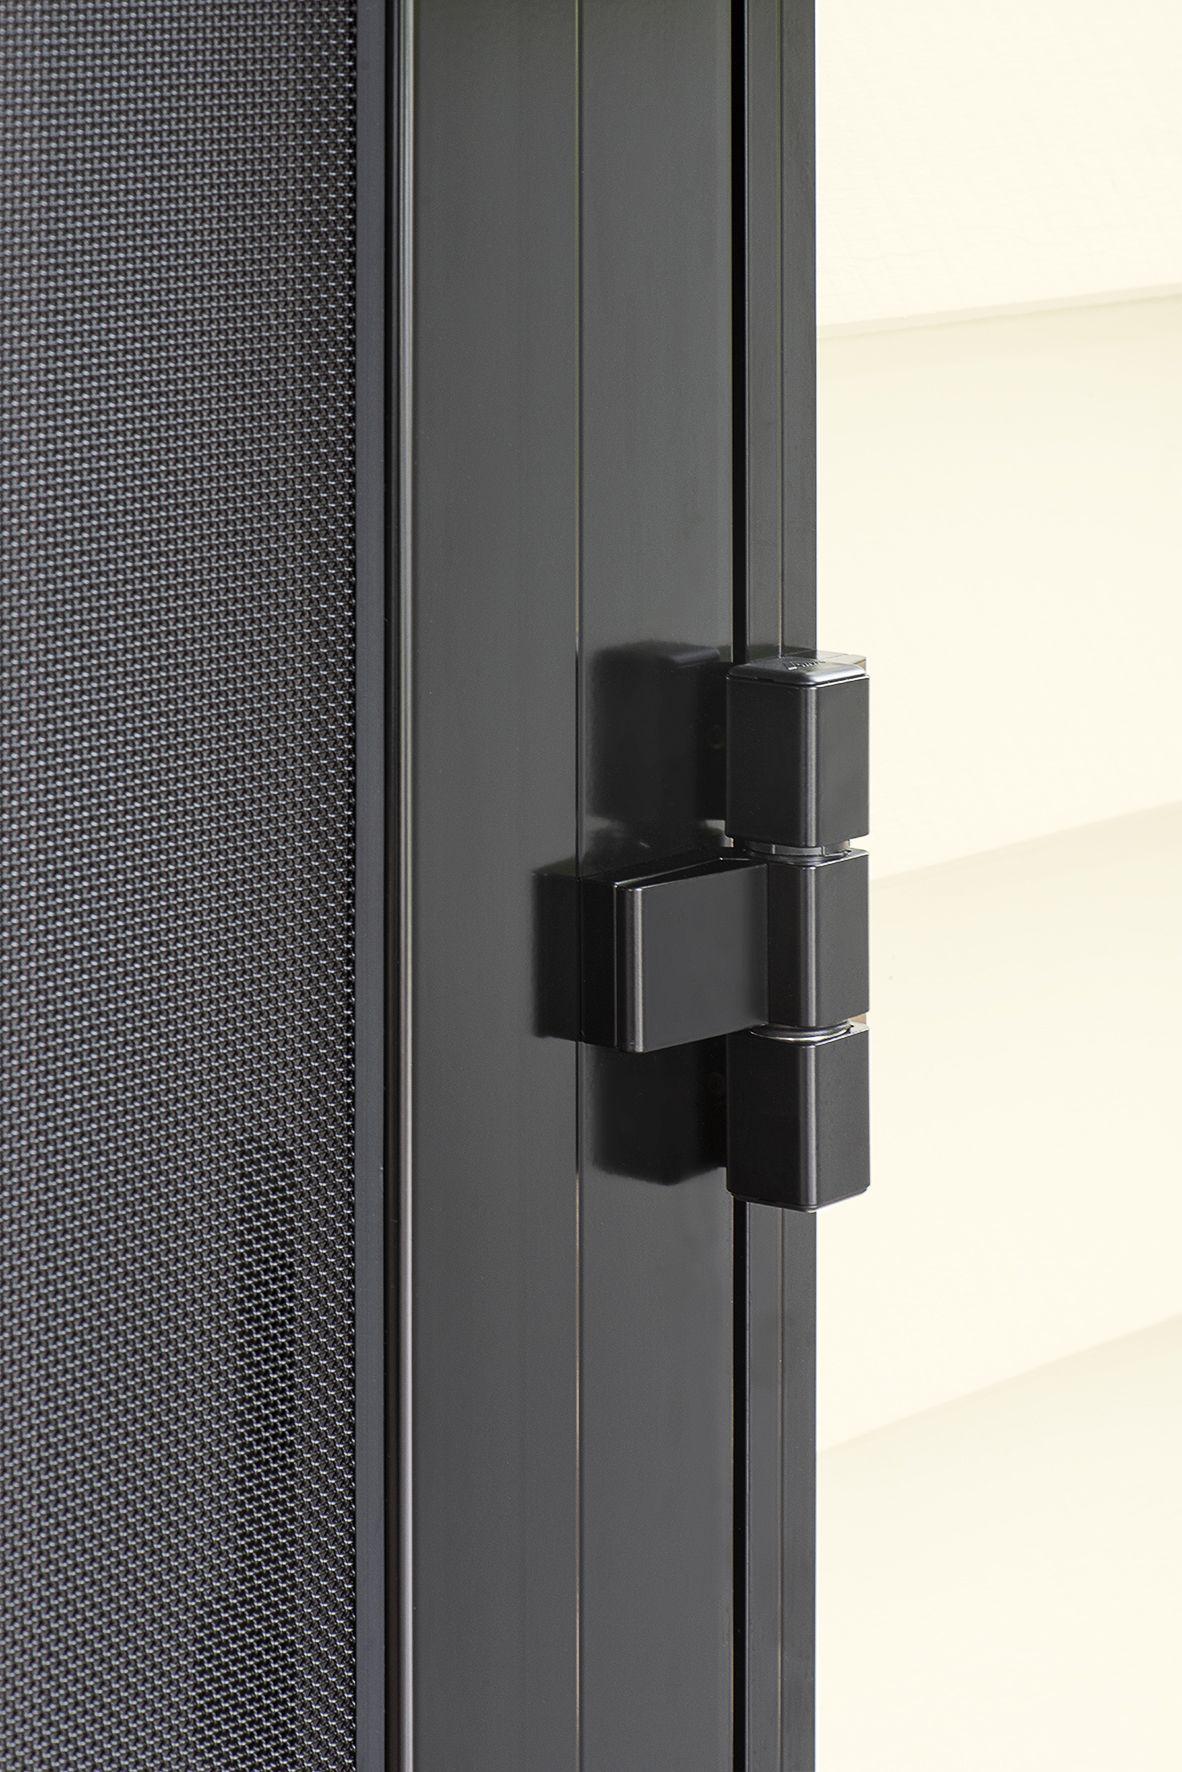 Pin By Crimsafe On Crimsafe Iq The Toughest Security Door In Australia Screen Door Security Screen Door Security Screen